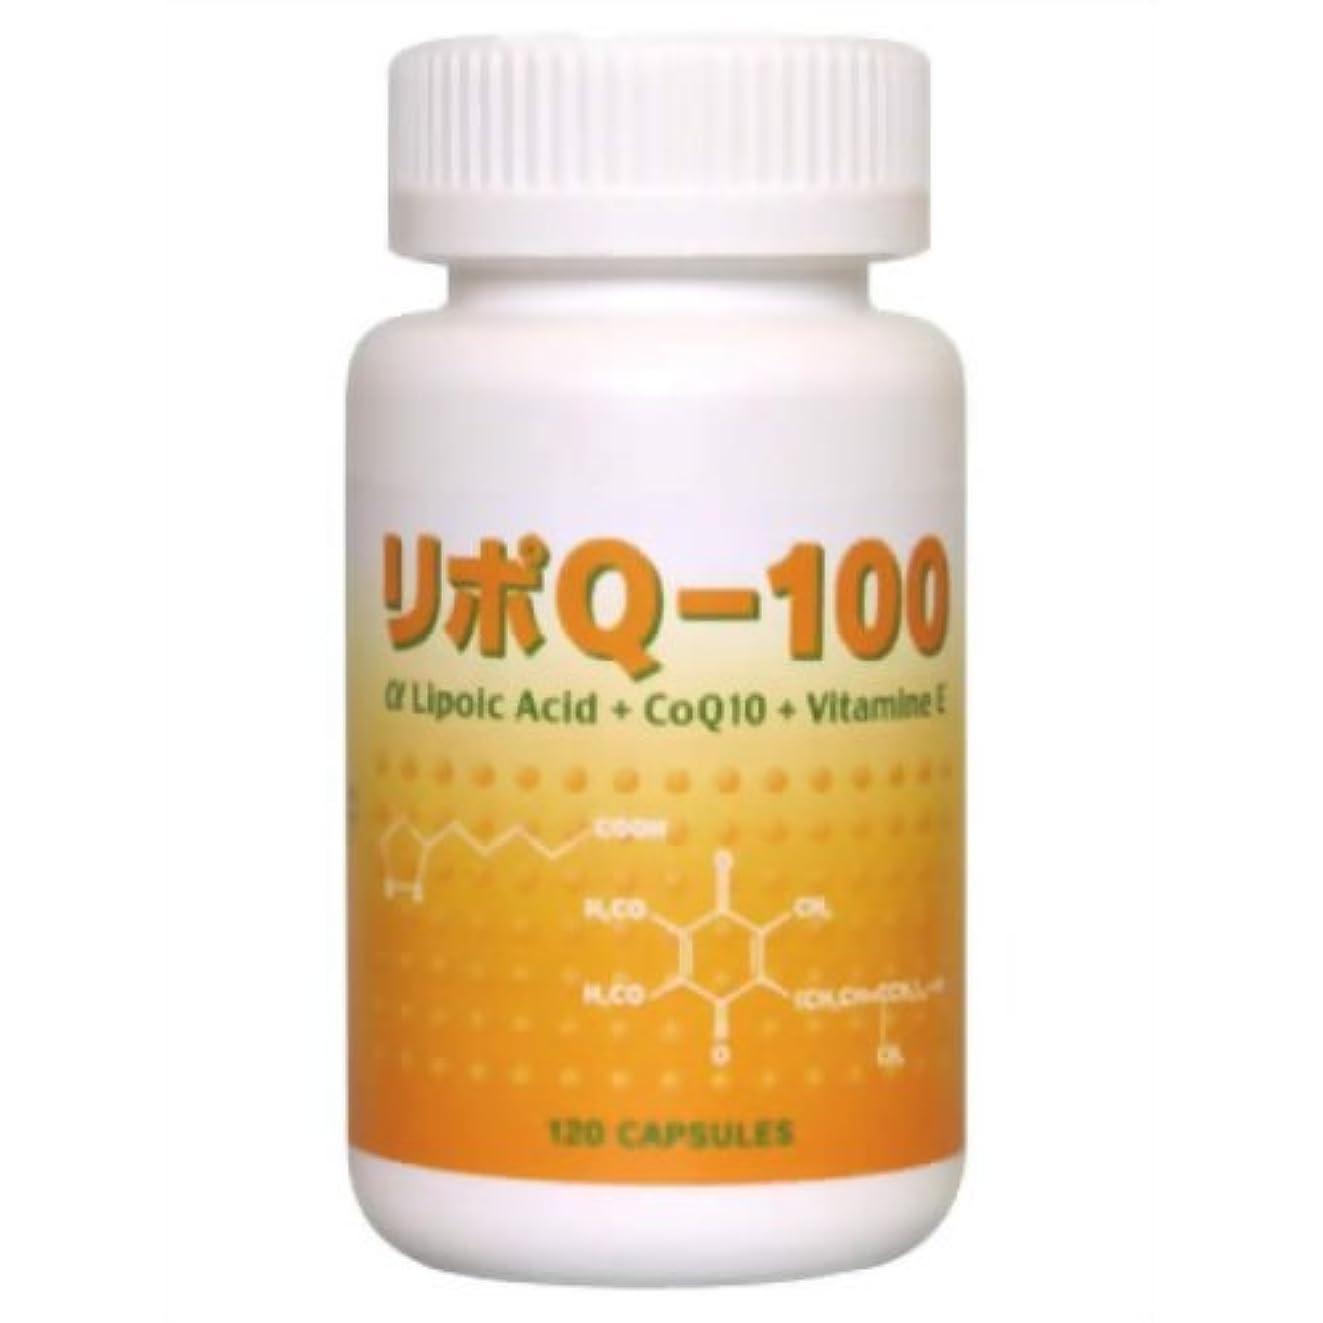 受け入れるアスレチックリポQ-100 120カプセル(アルファリポ酸/αリポ酸配合)